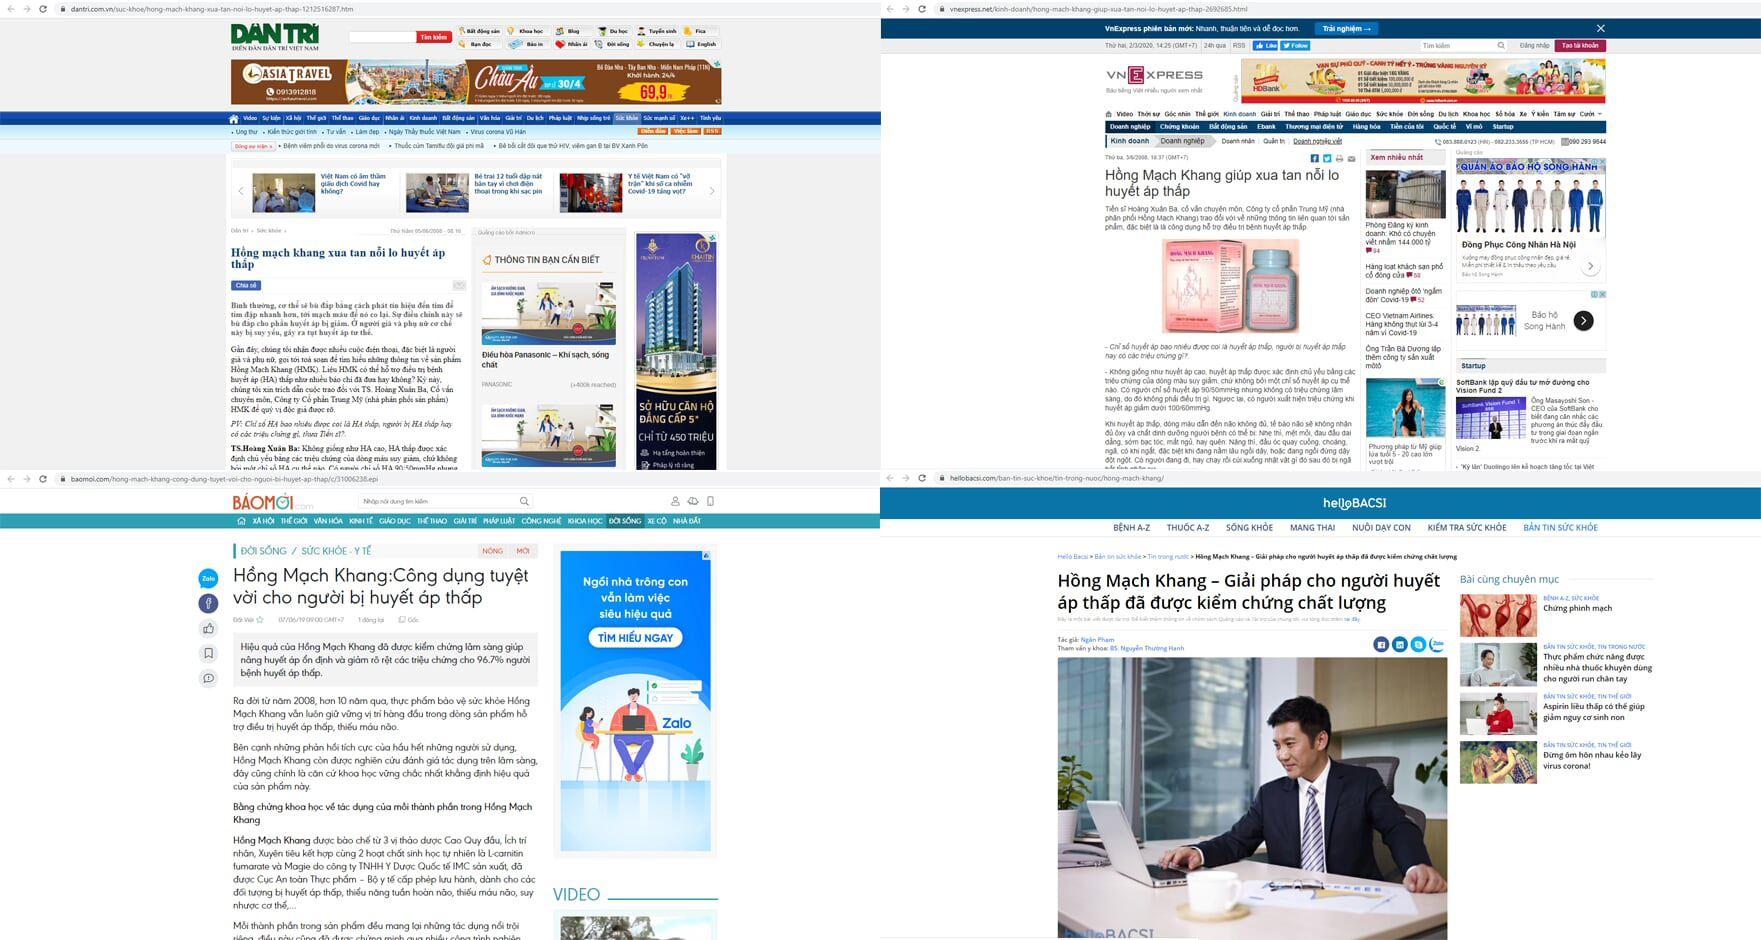 Báo chí đăng tải hiệu quả của Hồng Mạch Khang